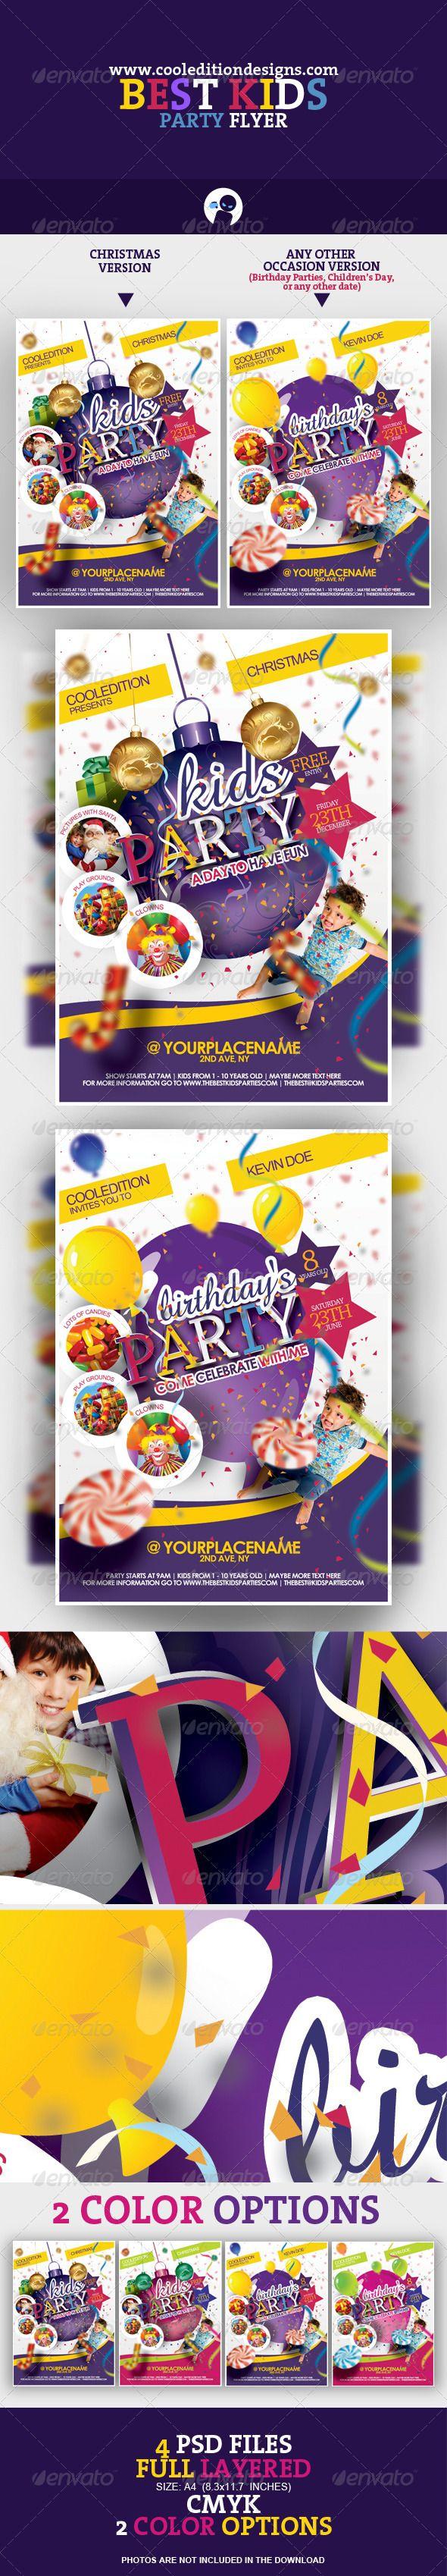 Över 1 000 bilder om kids parties på barn plansch och Över 1 000 bilder om kids parties på barn plansch och affischdesigner